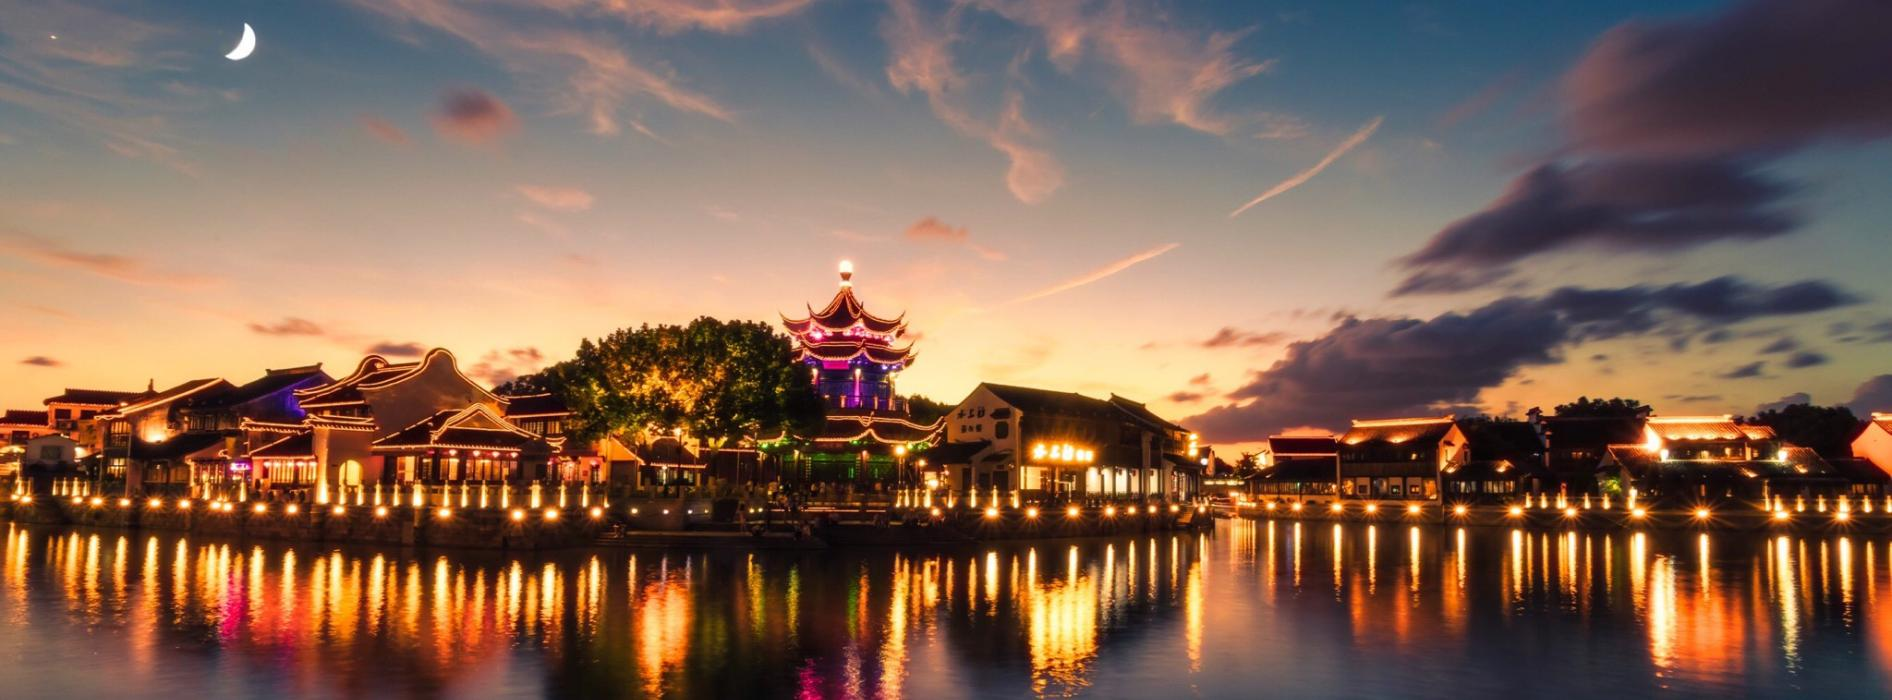 Suzhou Night time.jpg